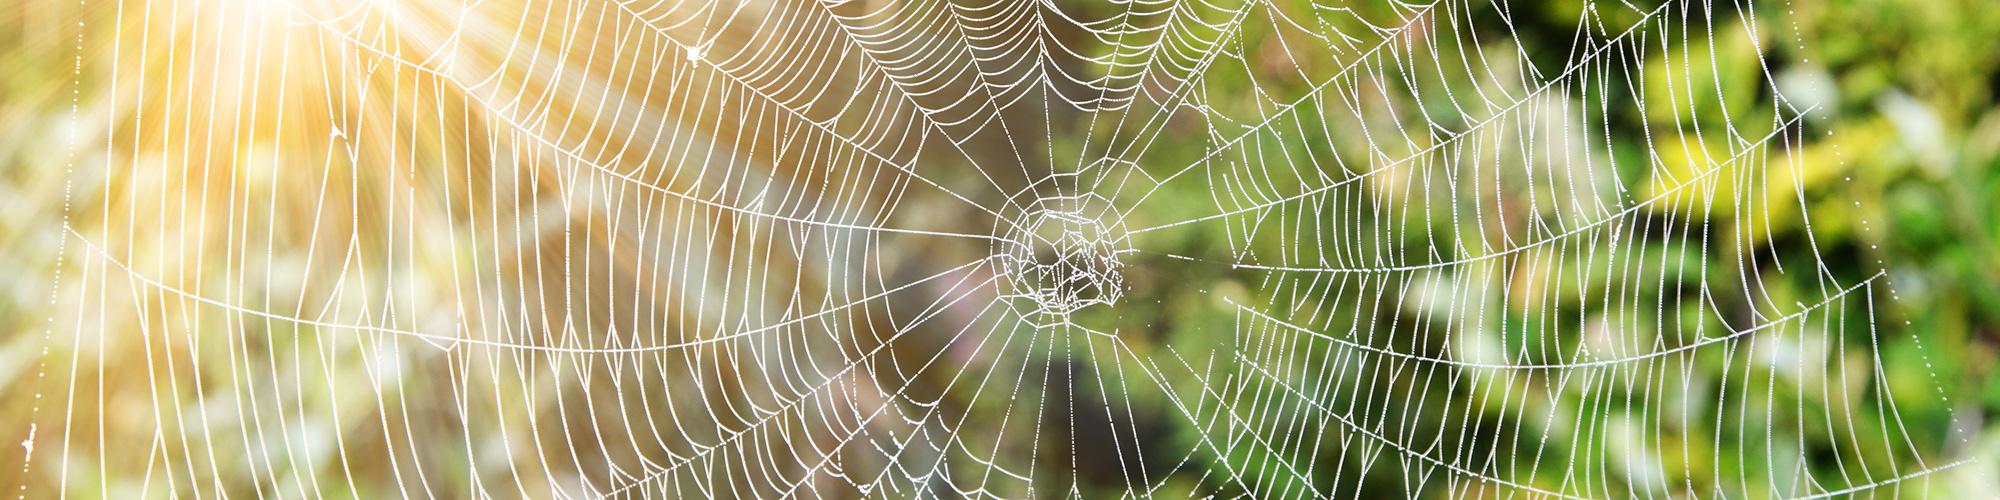 Web macht erreichbar